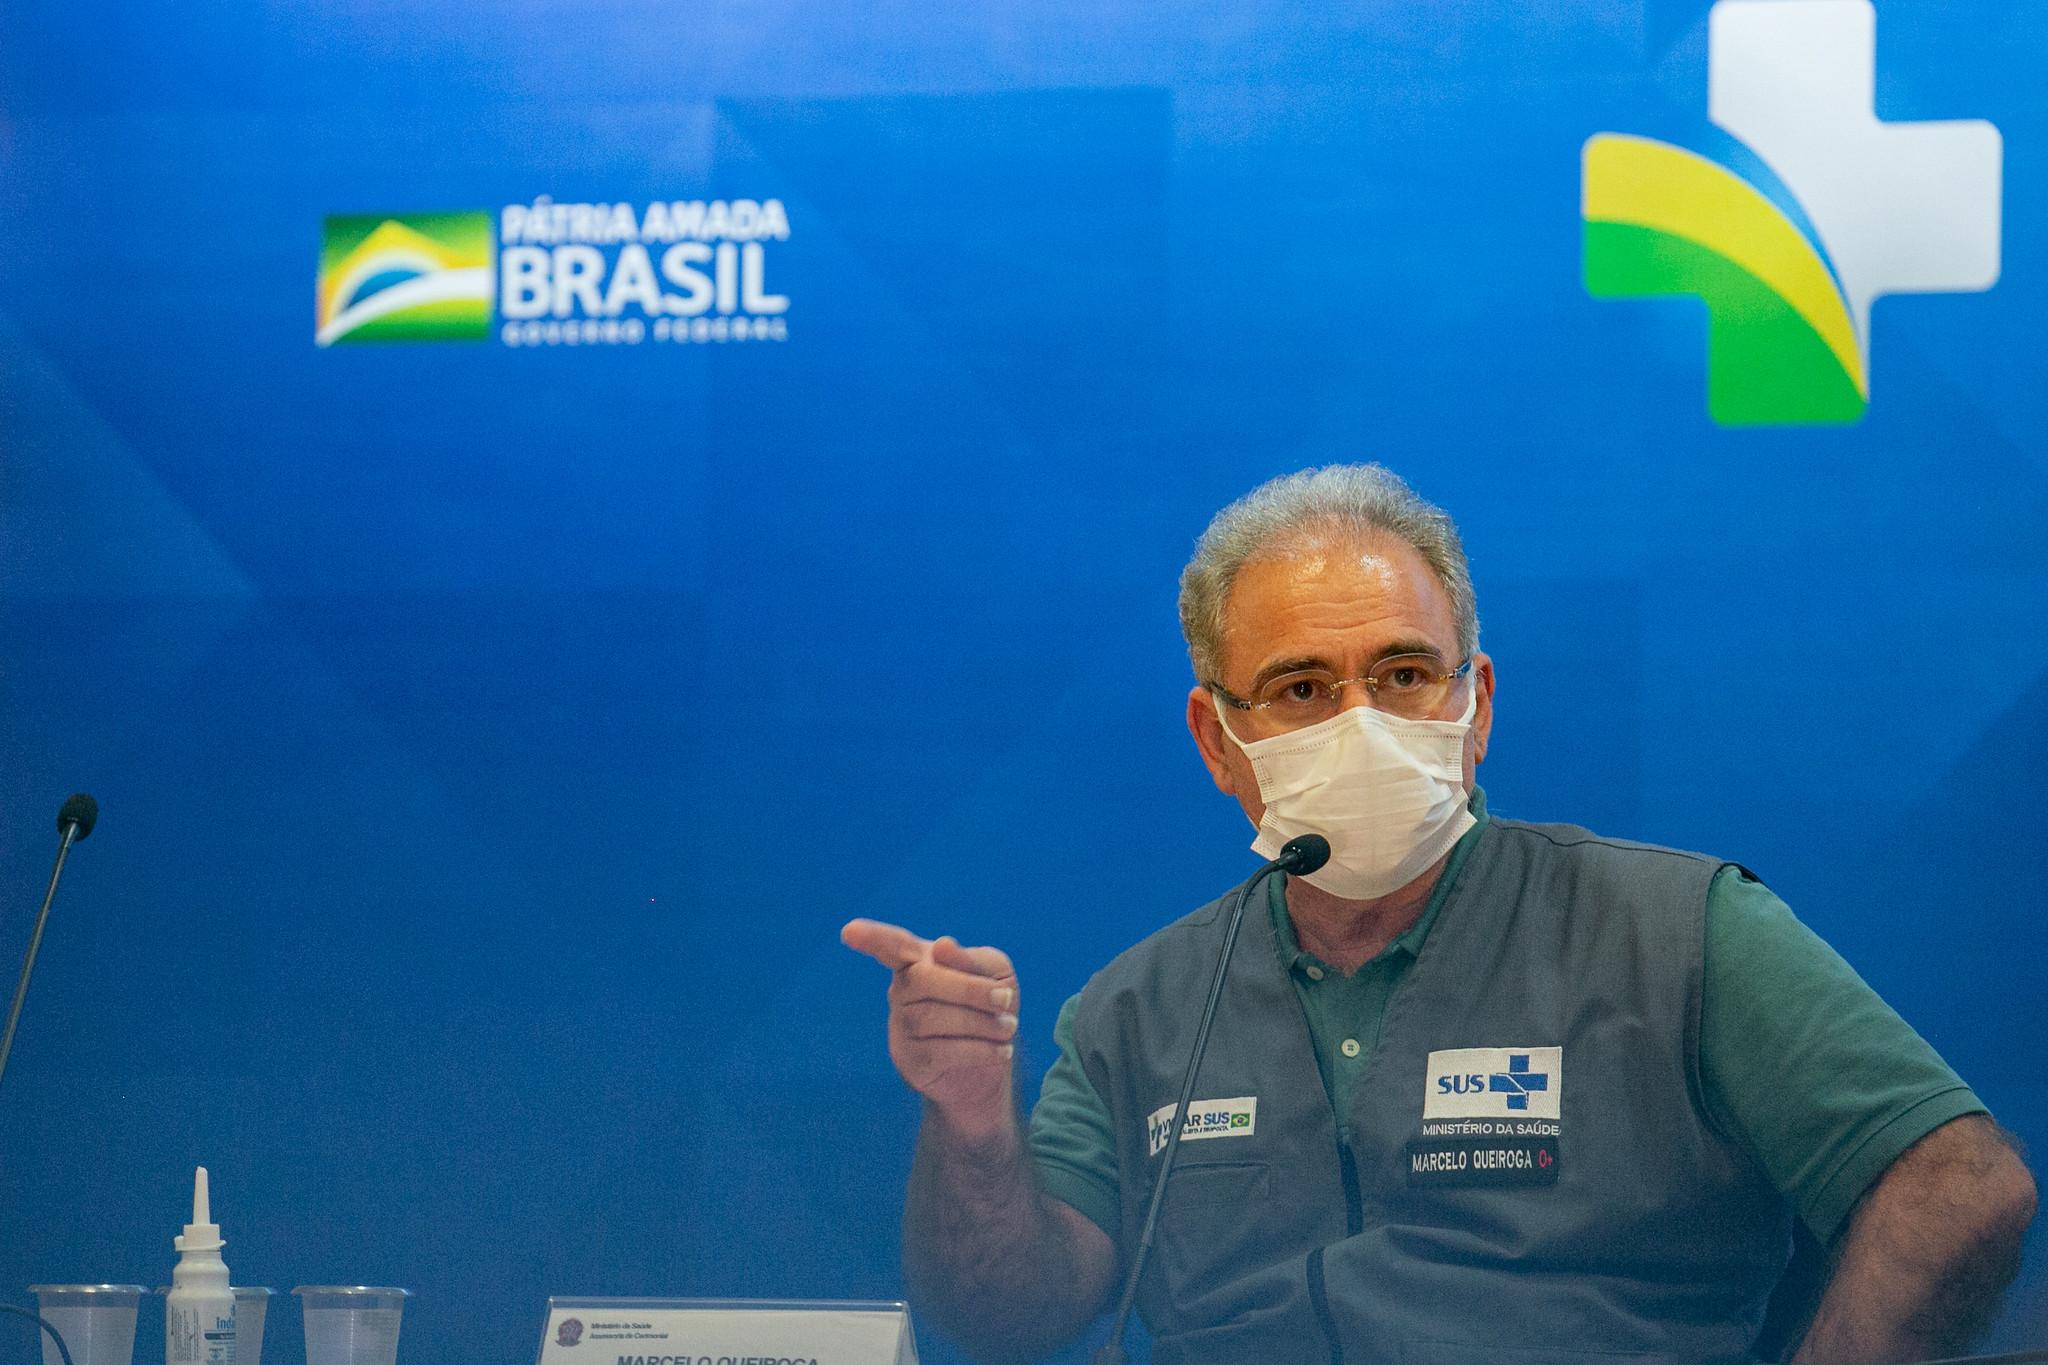 Ministro da Saúde anuncia antecipação de 7 milhões de doses da Pfizer